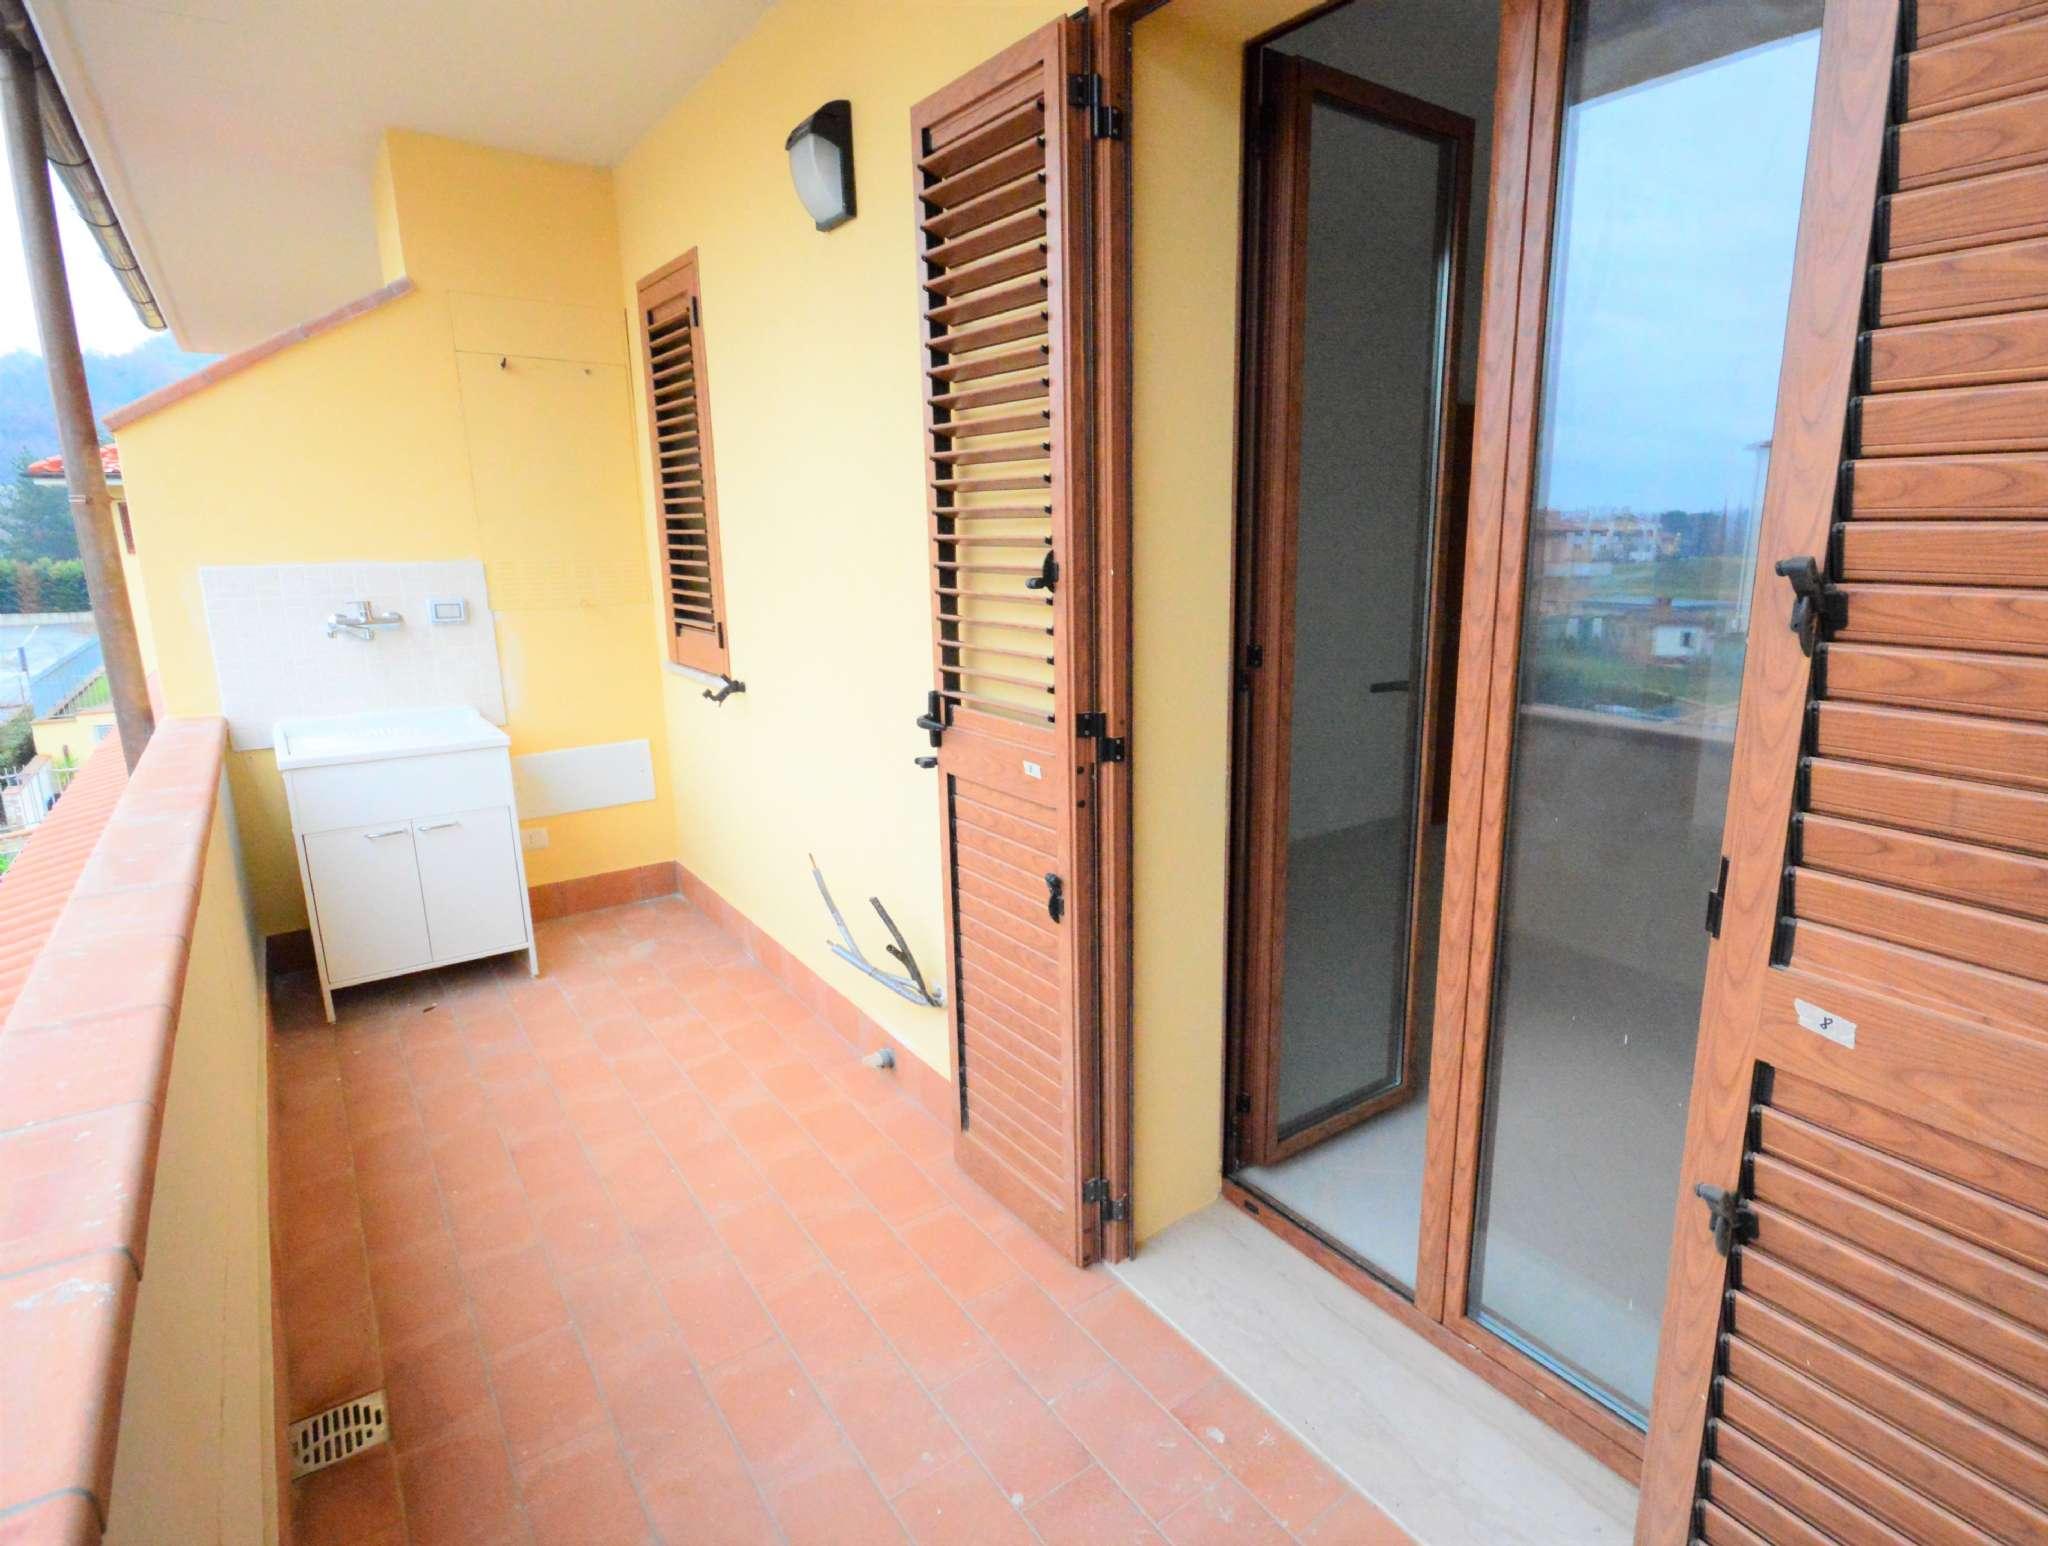 Appartamento in vendita a San Giovanni Valdarno, 5 locali, prezzo € 240.000 | CambioCasa.it